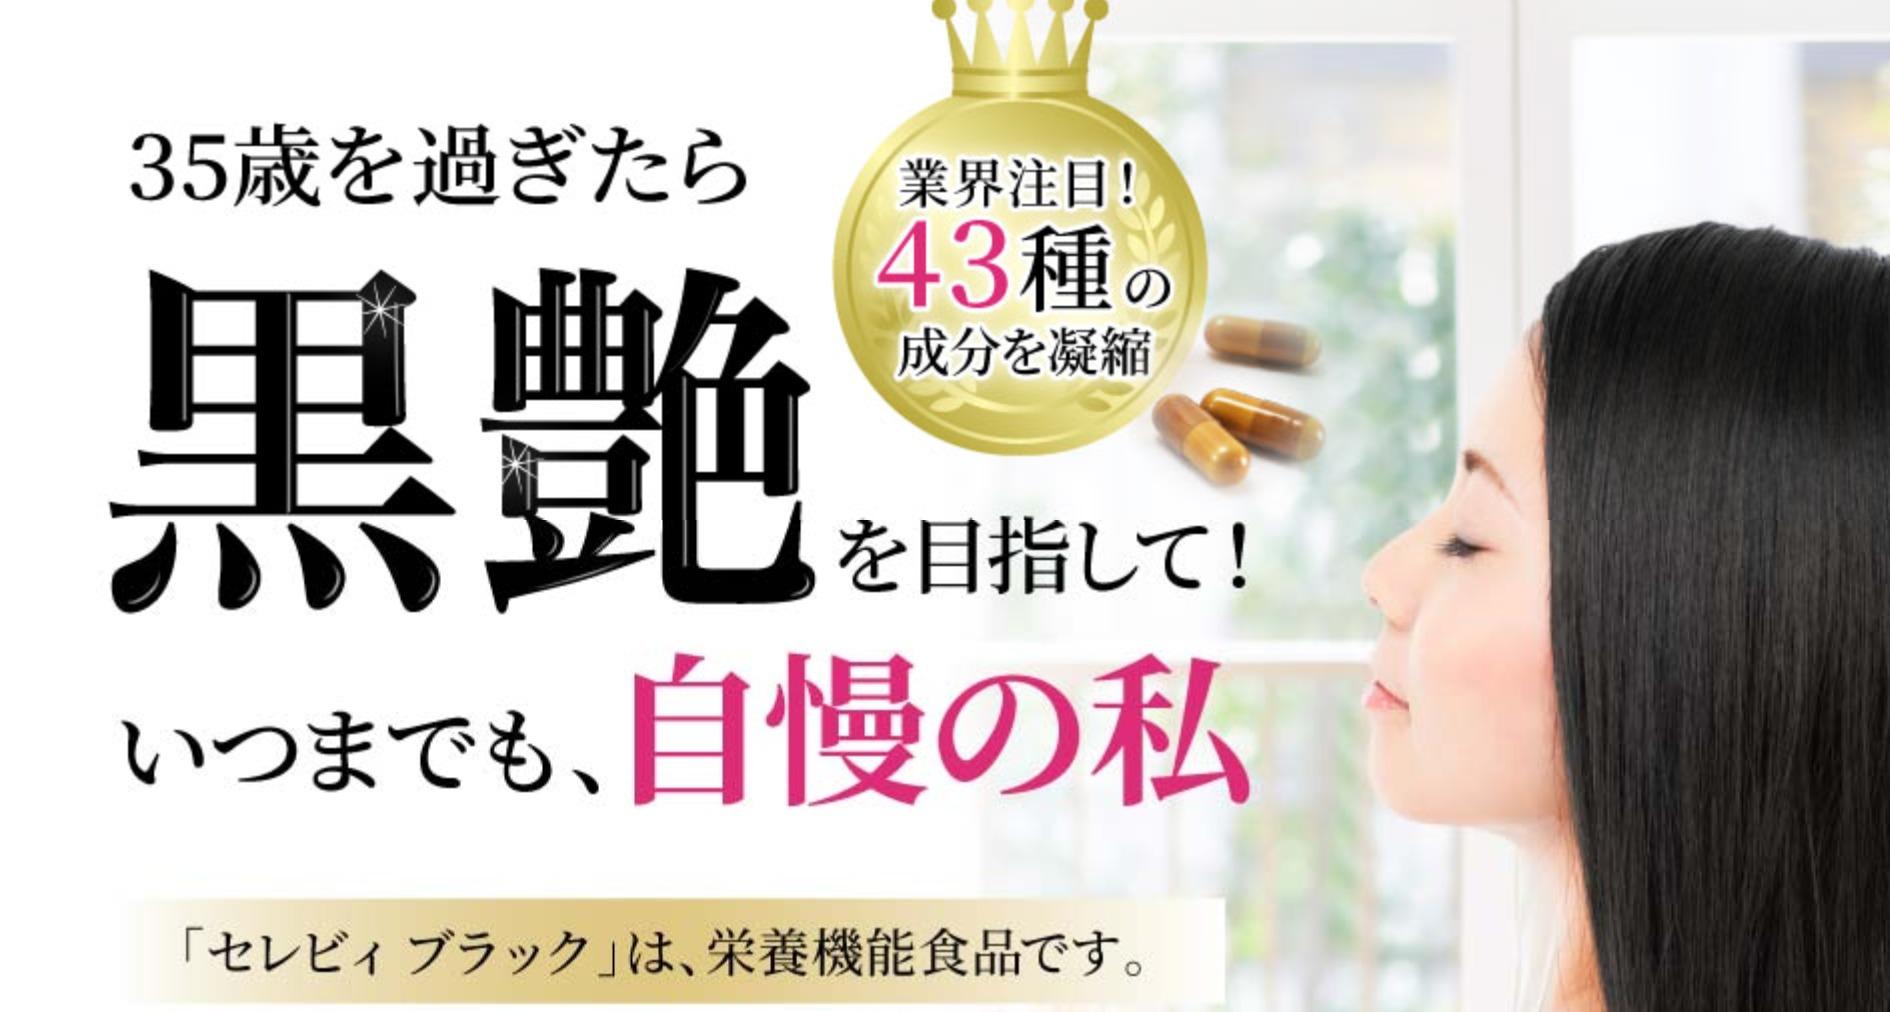 セレビィブラック-【公式通販ショップ】 - https___cart.serebi.co.jp_lp_u=af9a0006